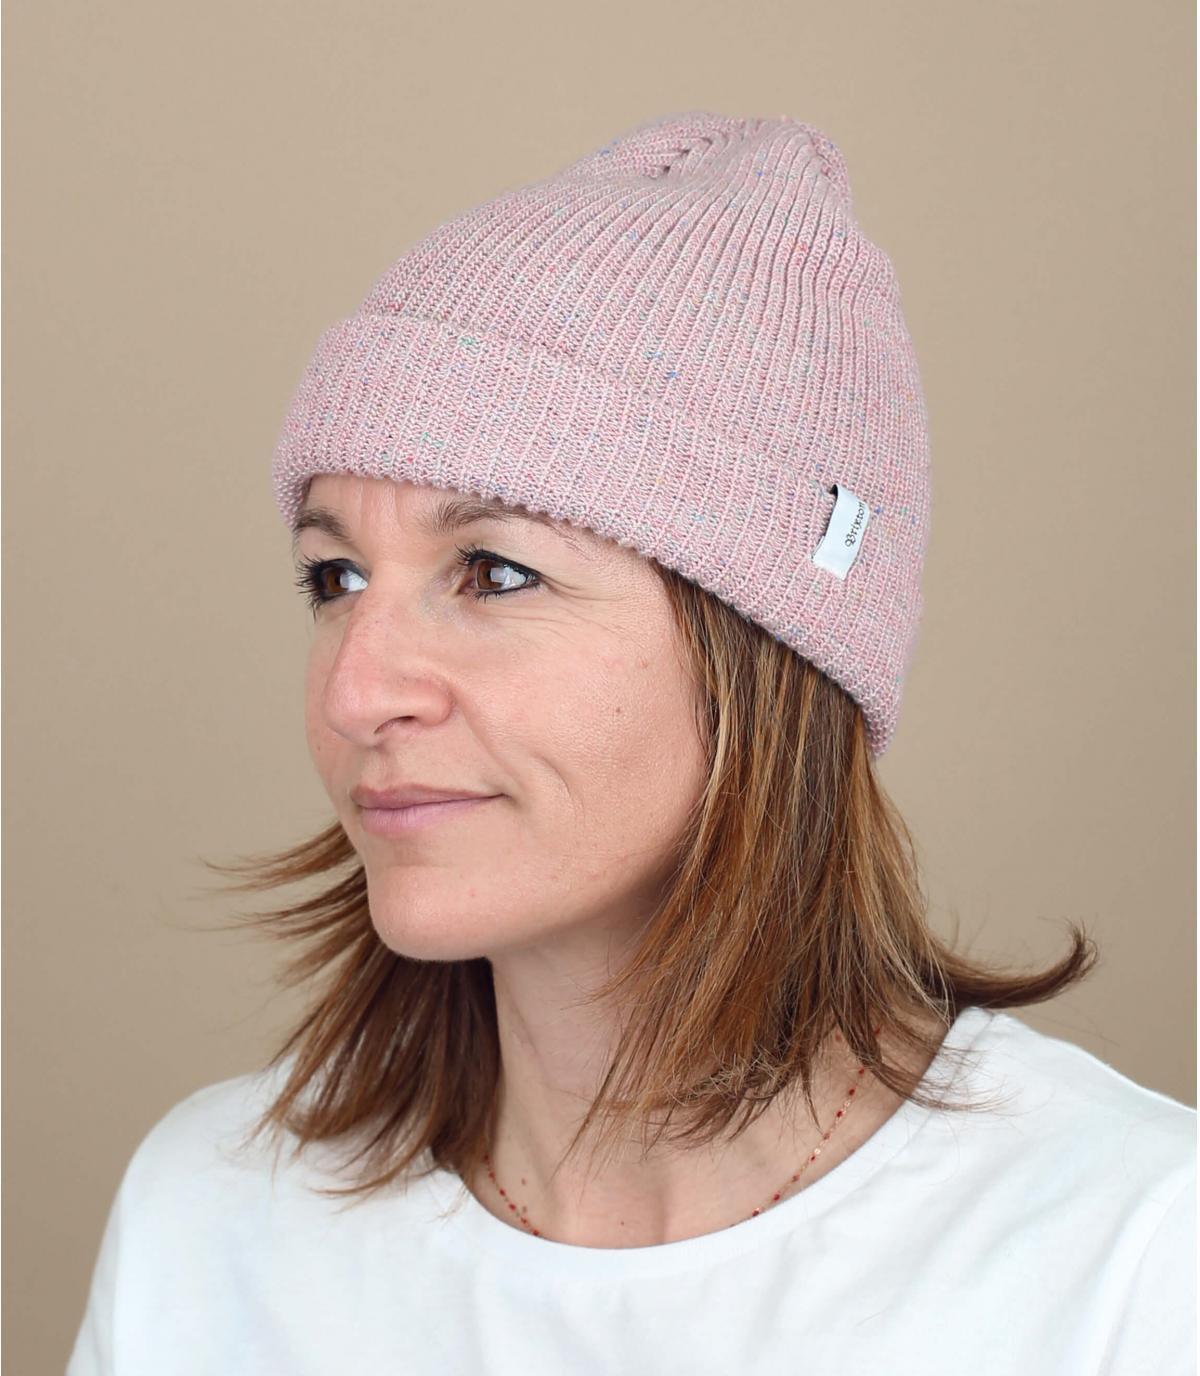 Brixton cappello rosa